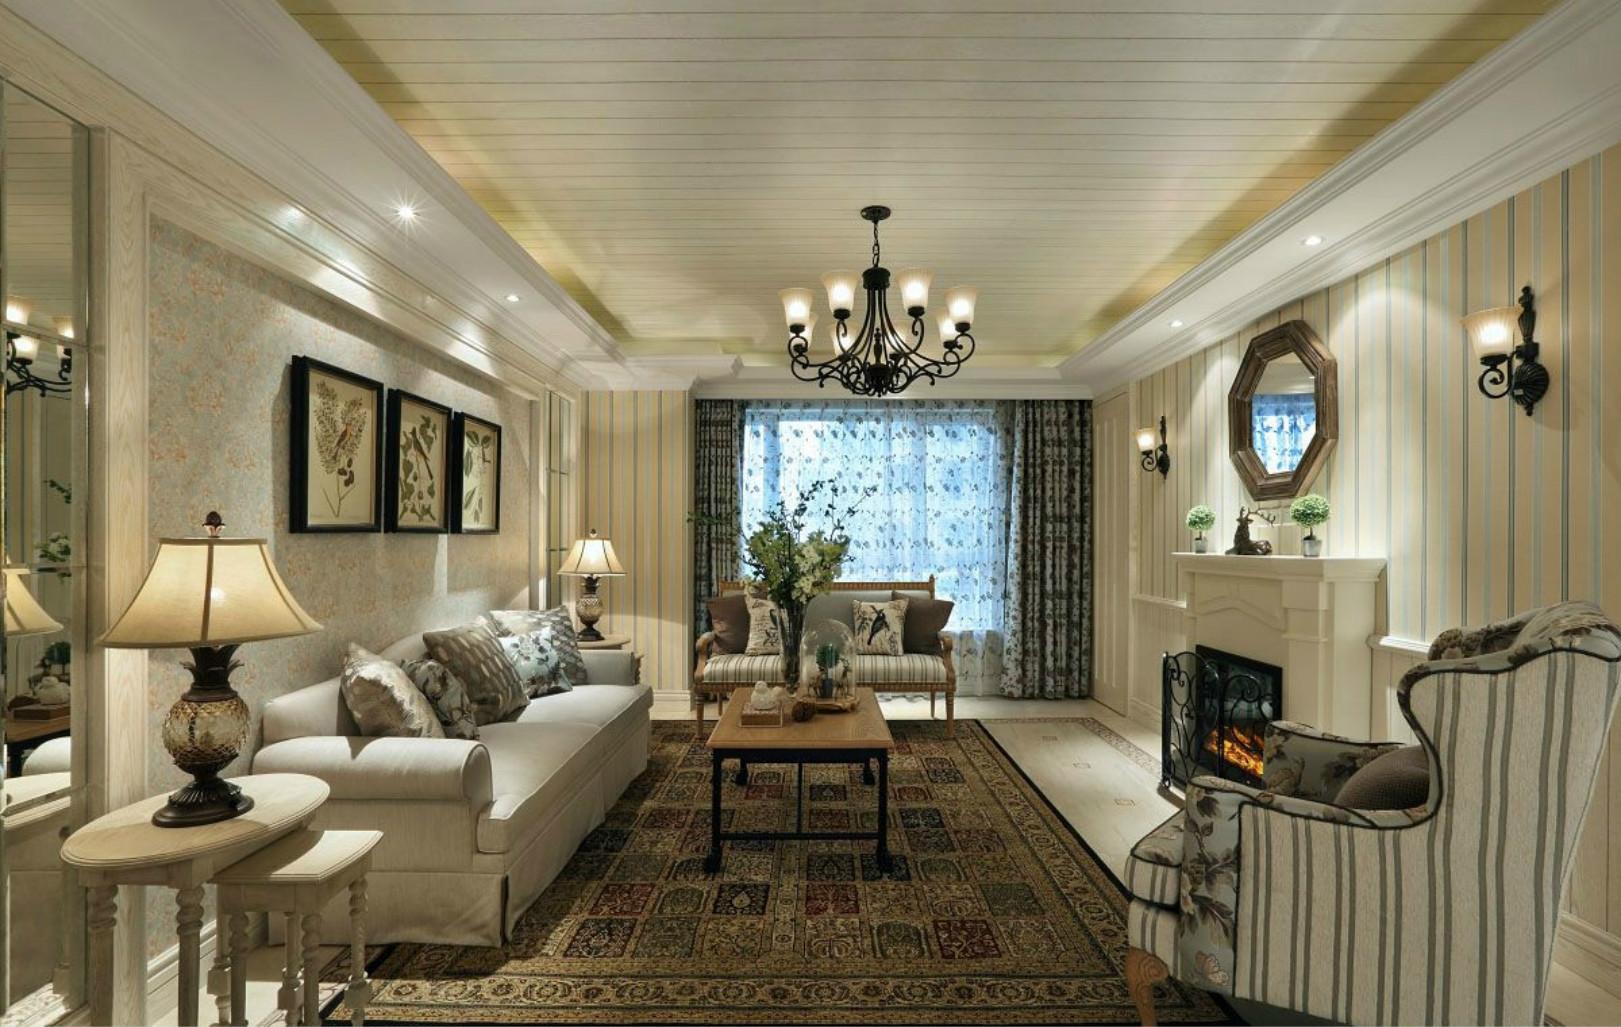 客厅睿智地在墙面挂上三幅精致挂画,别致而富有韵味